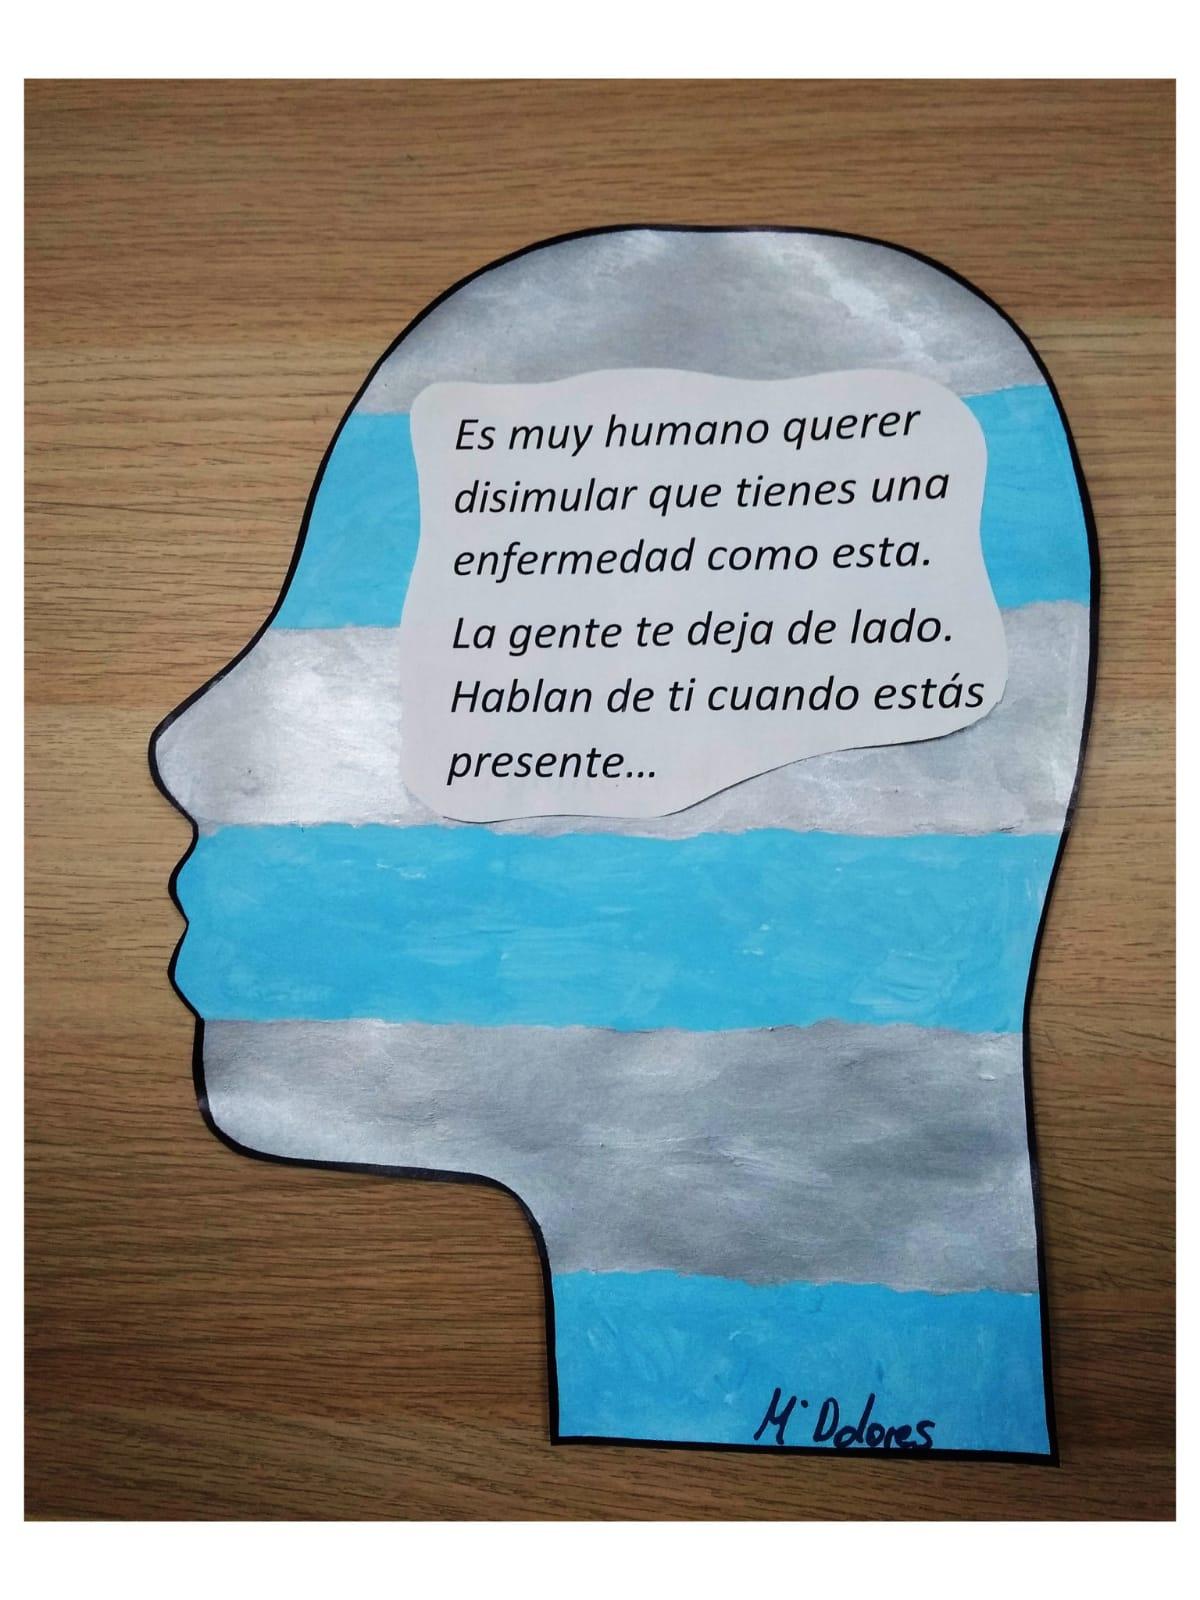 Campaña De Sensibilización Sobre La Enfermedad De Alzheimer